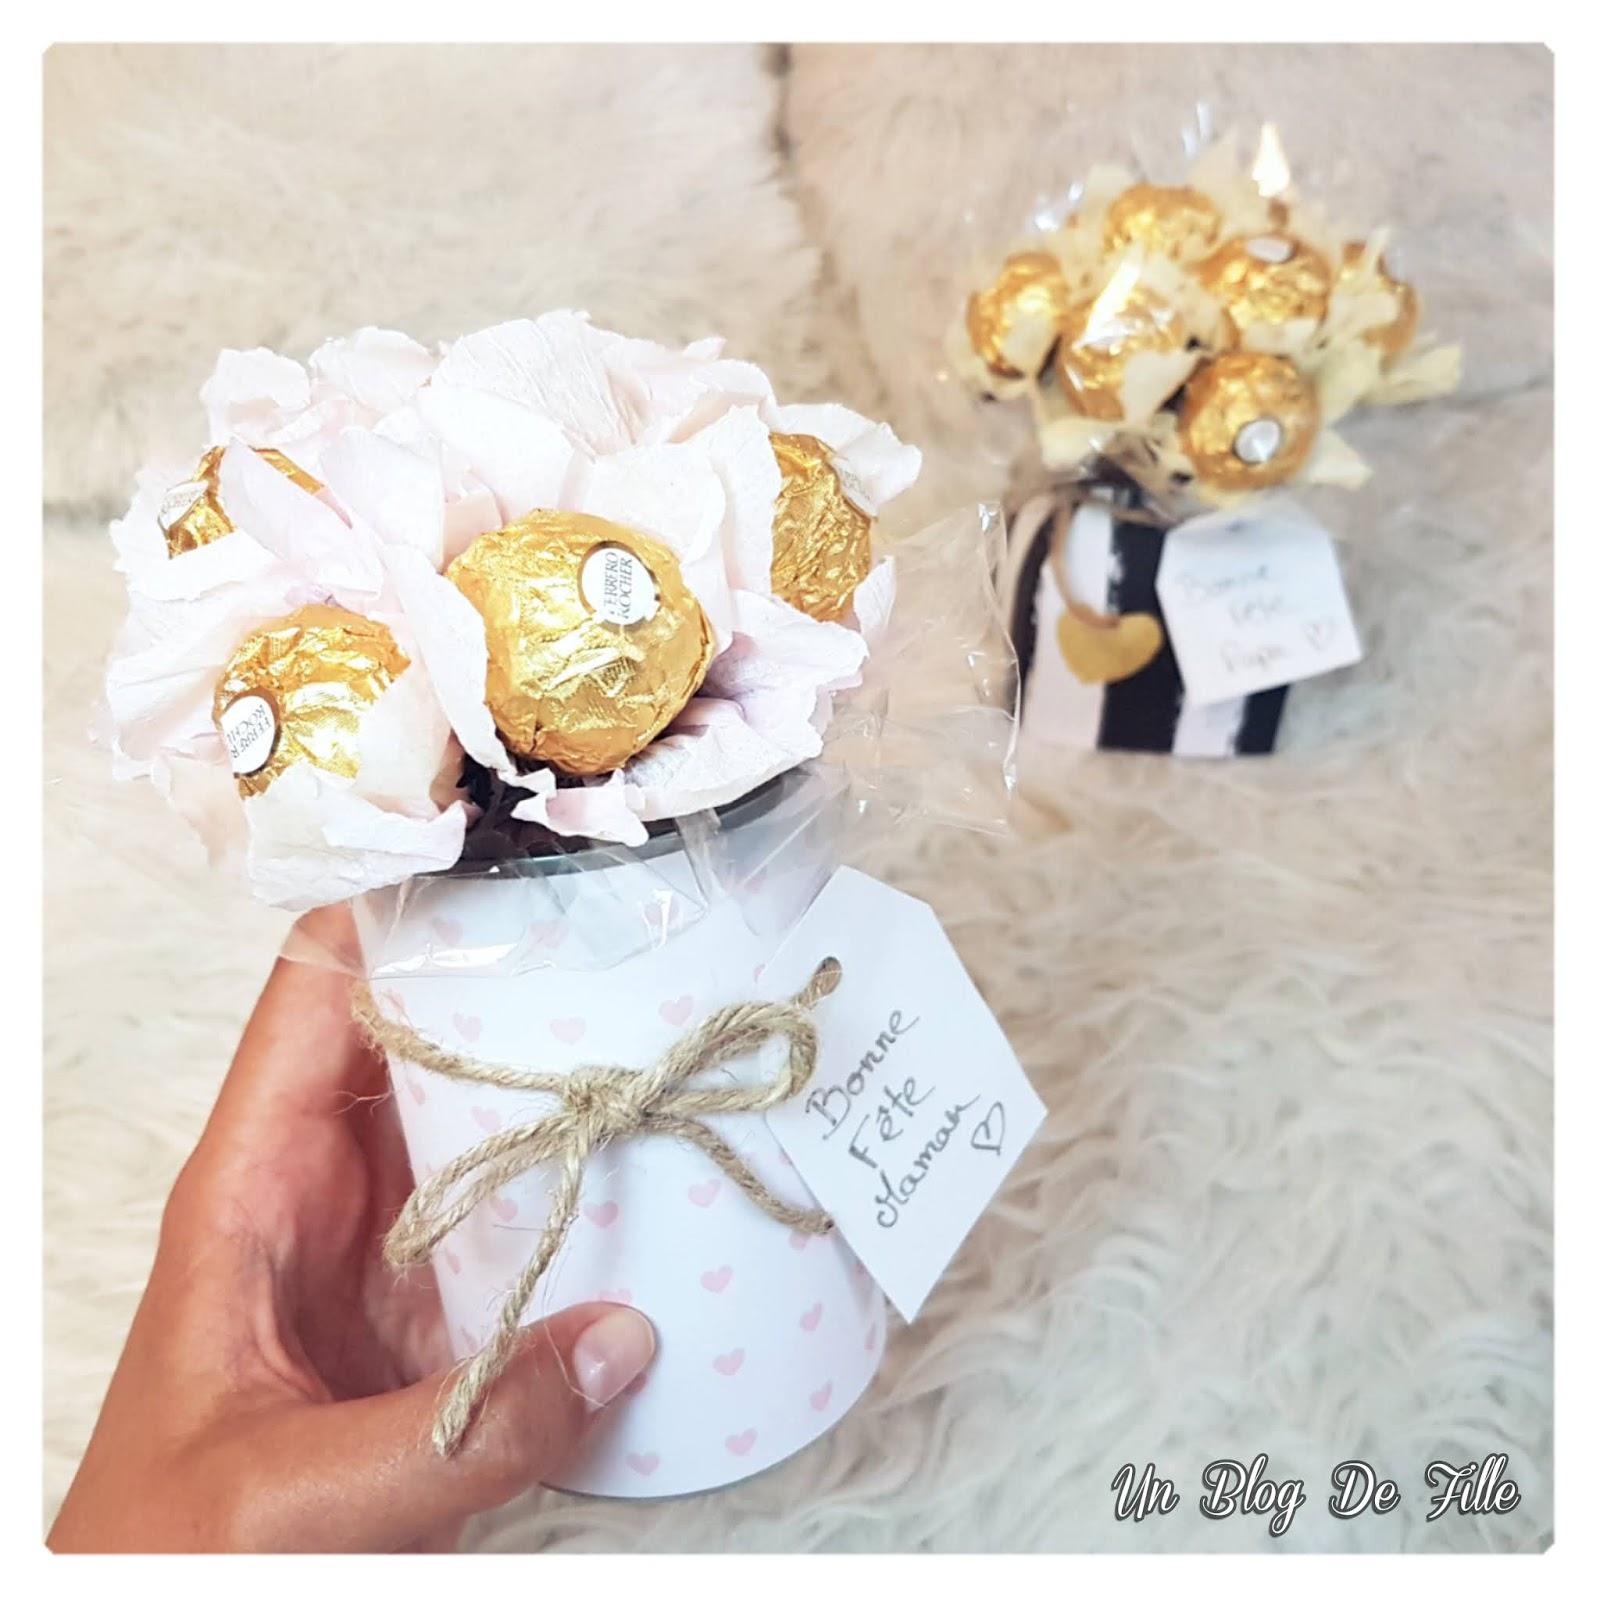 http://www.unblogdefille.fr/2020/05/diy-bouquet-de-chocolat-pour-la-fete.html